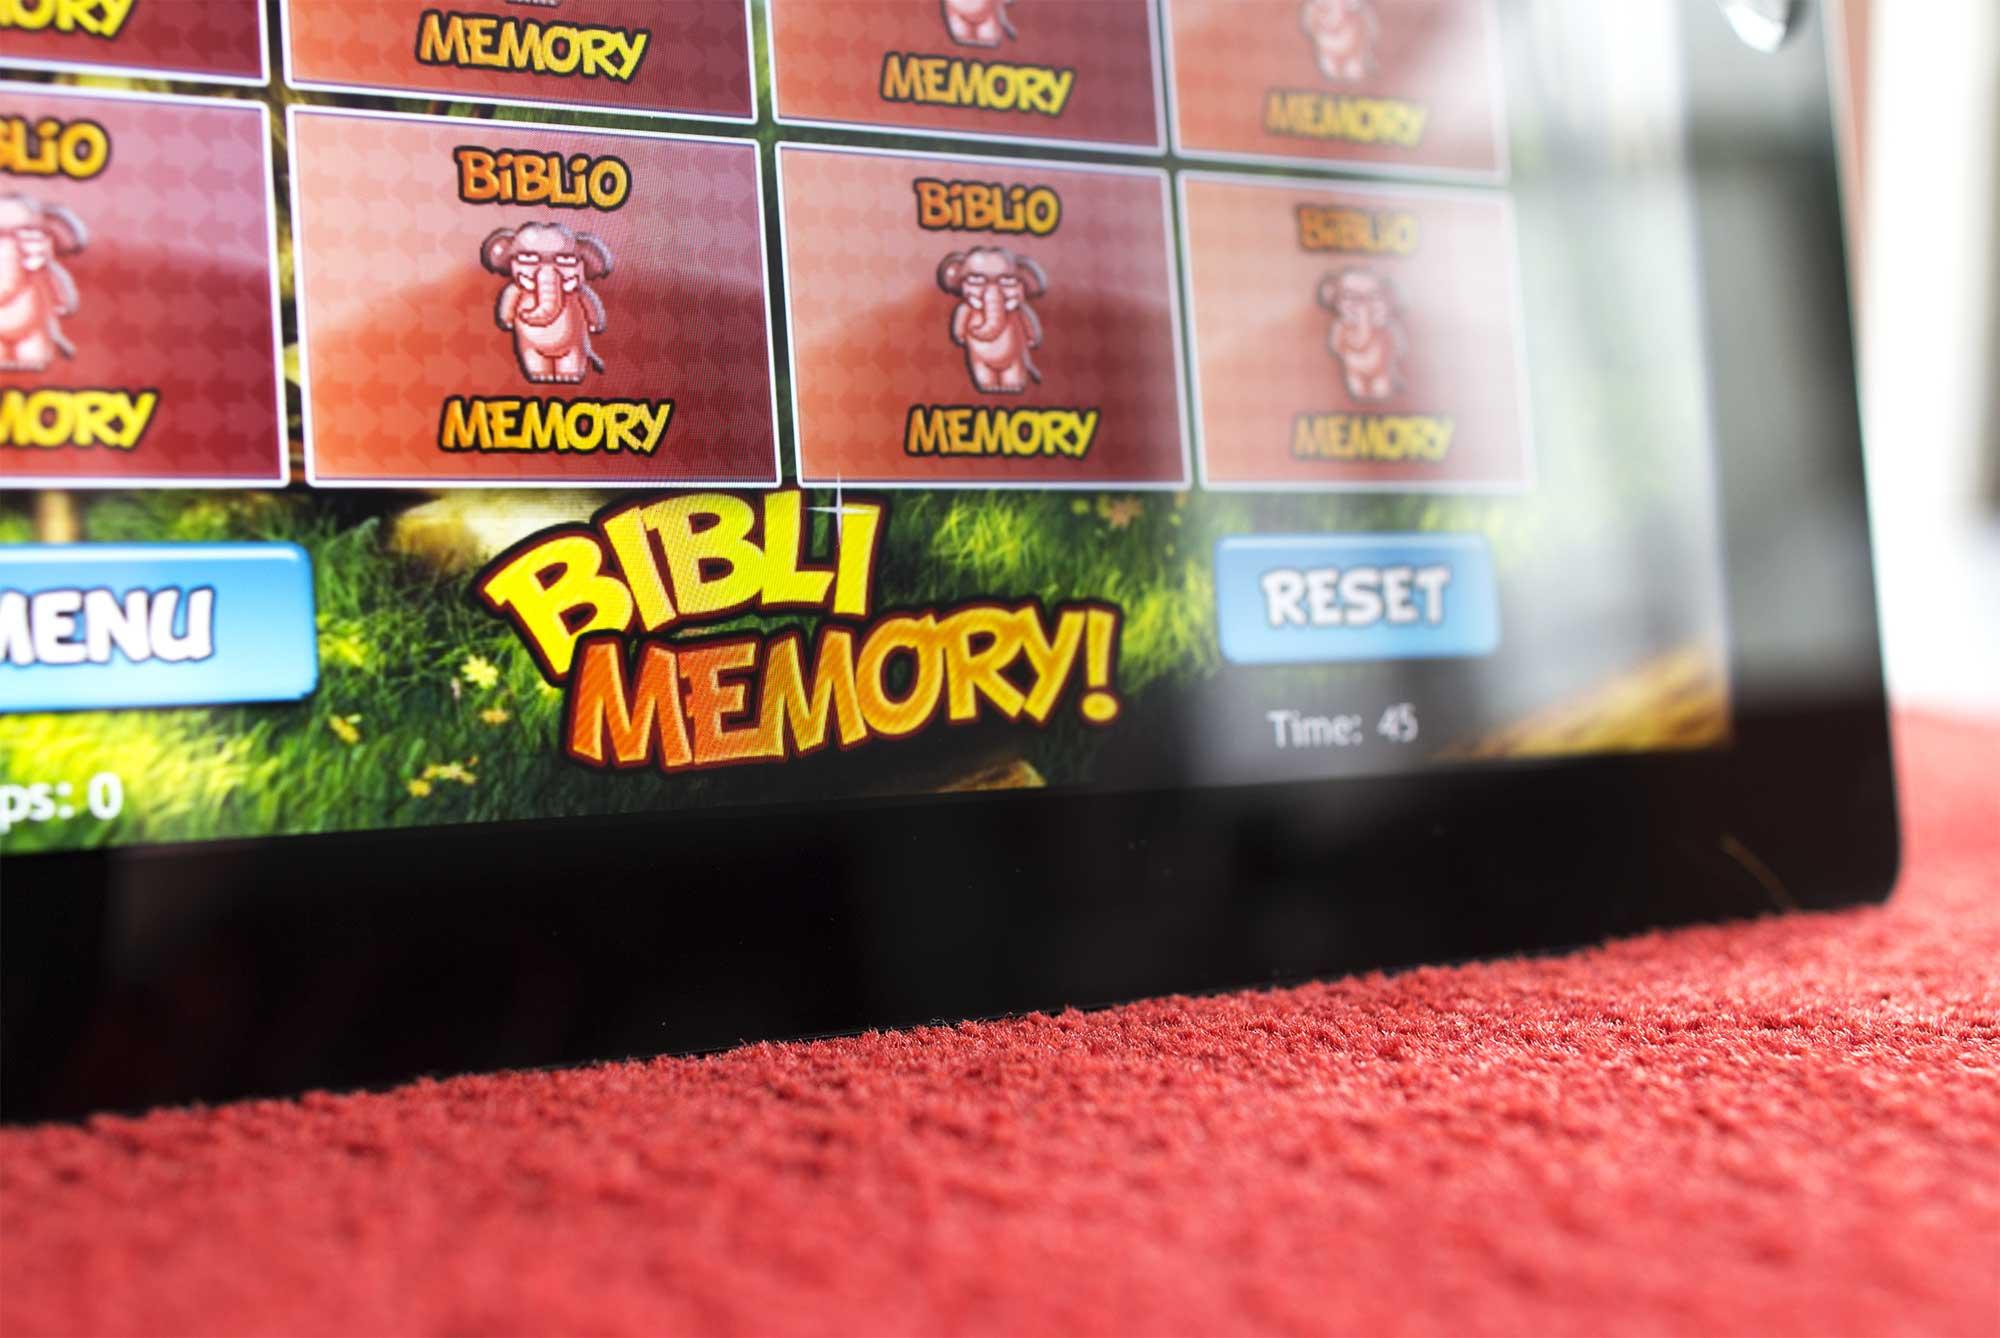 Création créer propre jeu sérieux médiathèque bibliothèque sérious game valoriser exposition jeunesse application